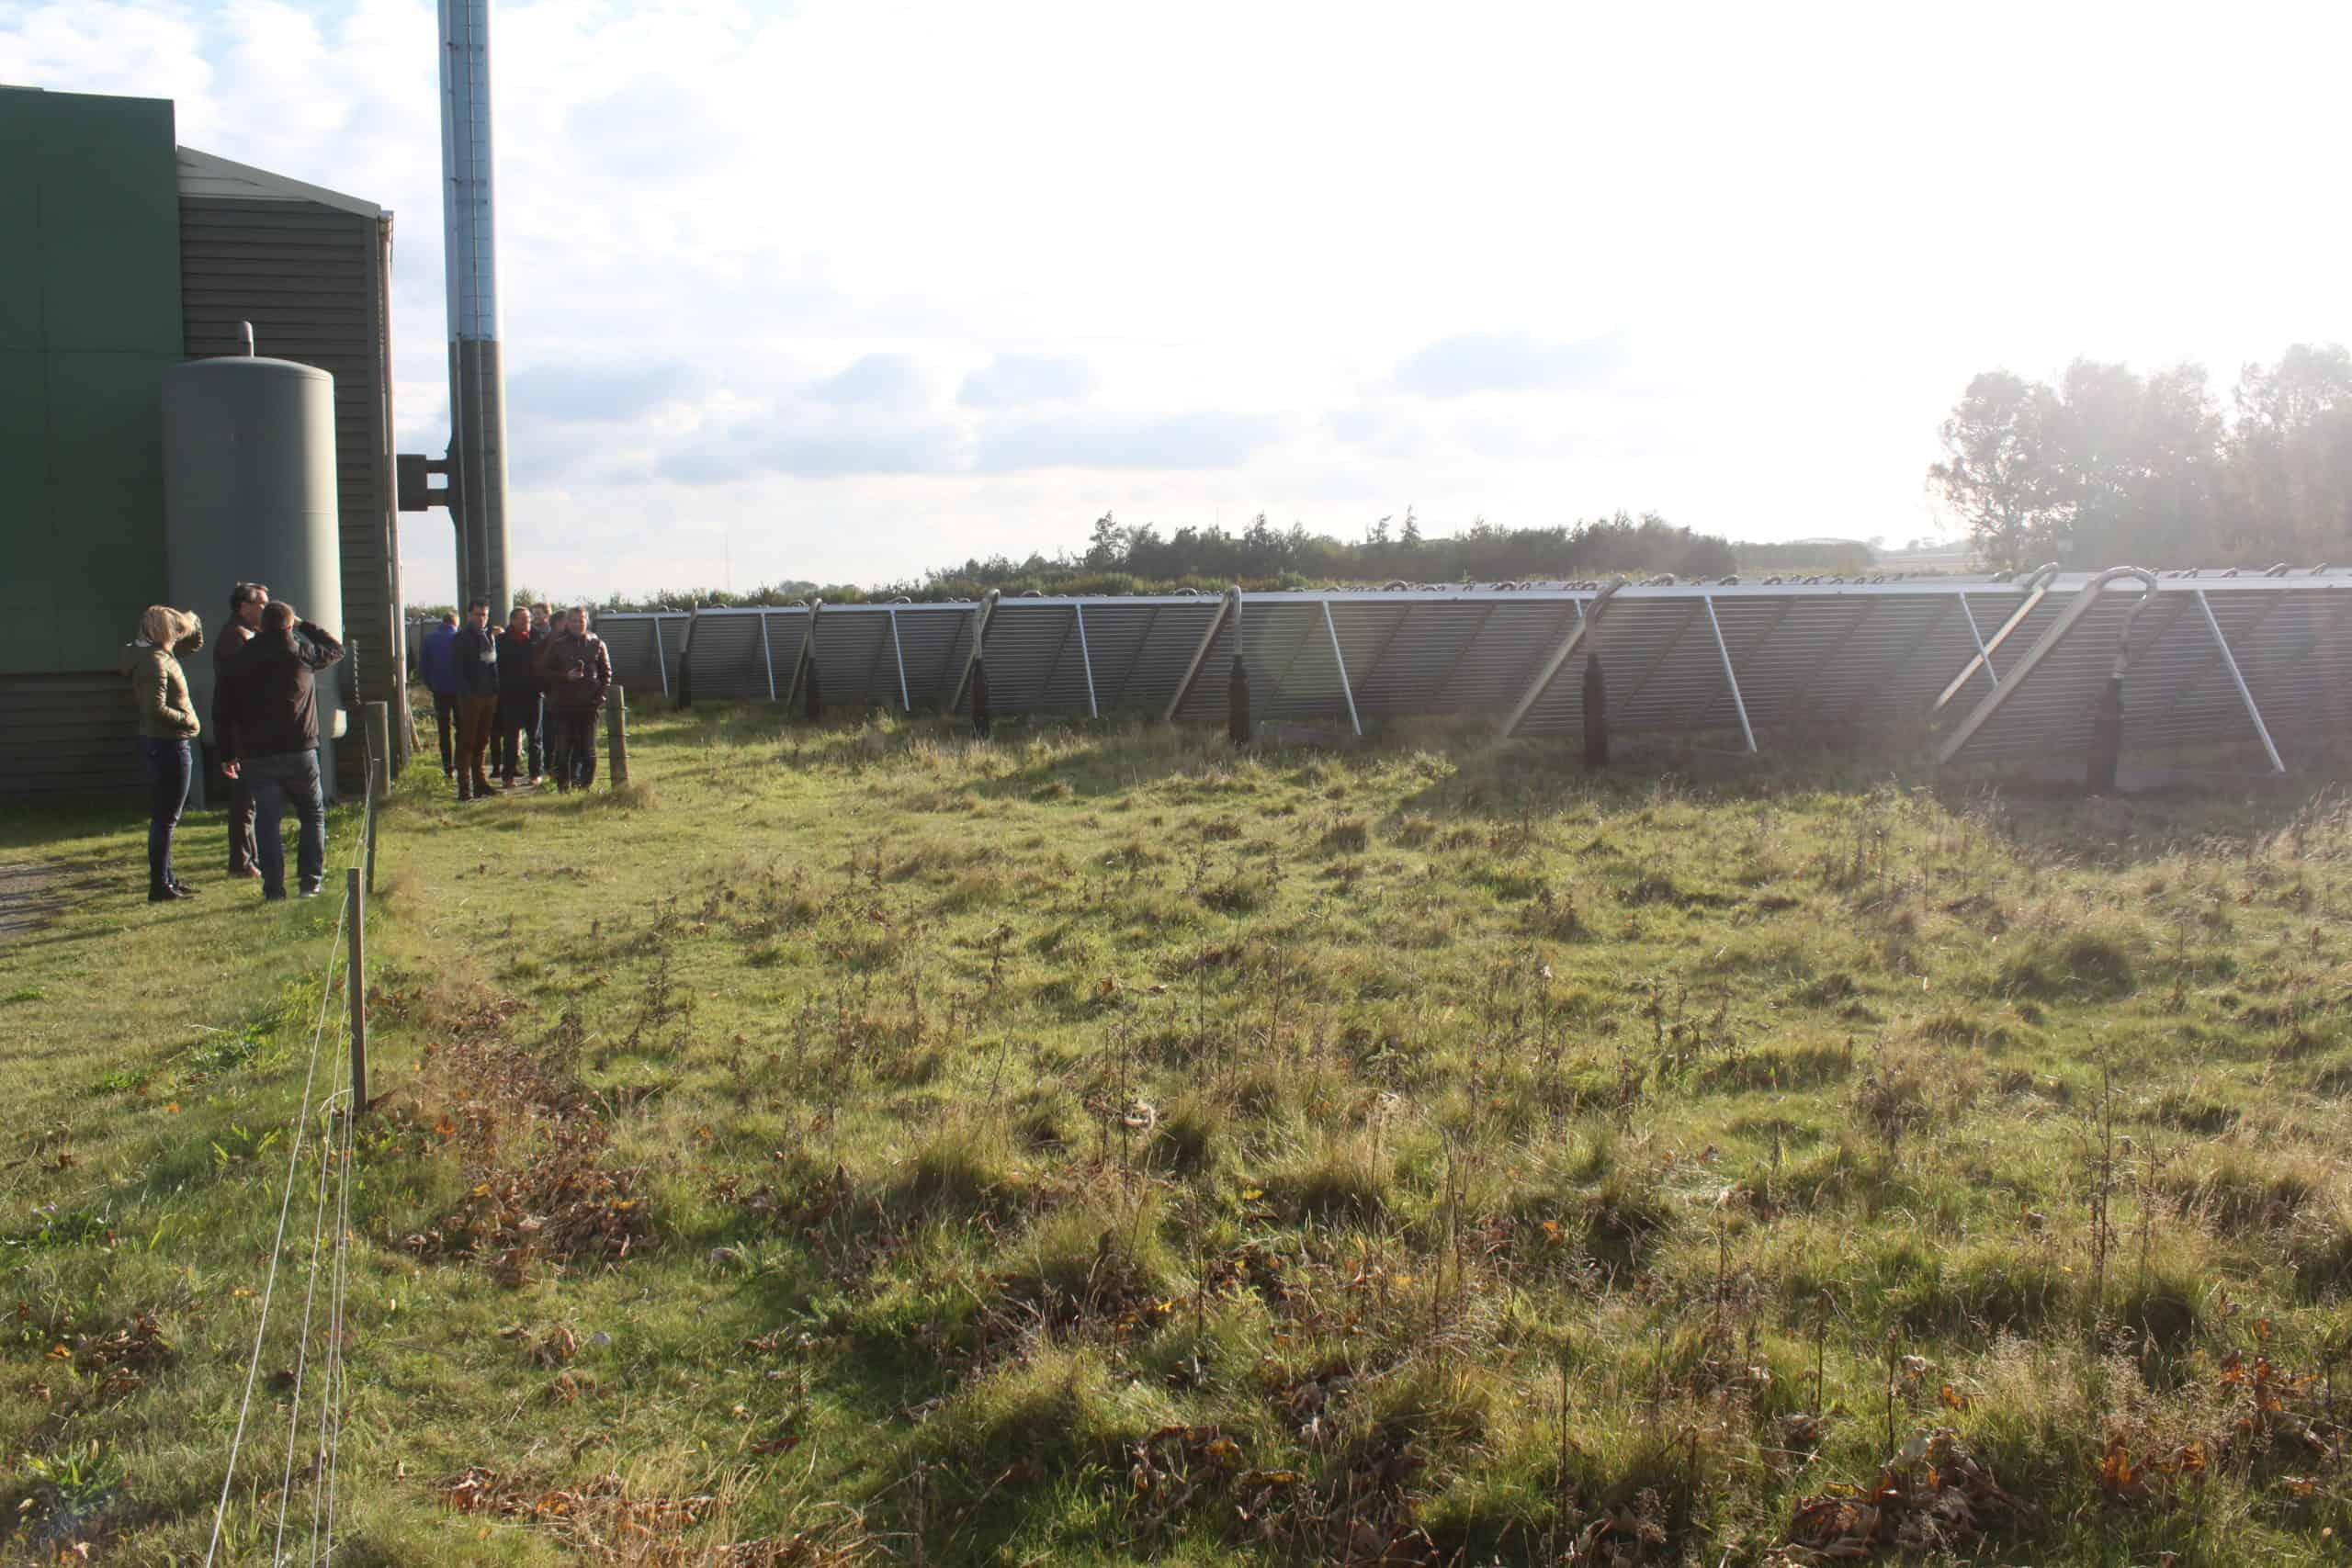 Samsø bezoek zonthermische centrale met snipperhoutketel